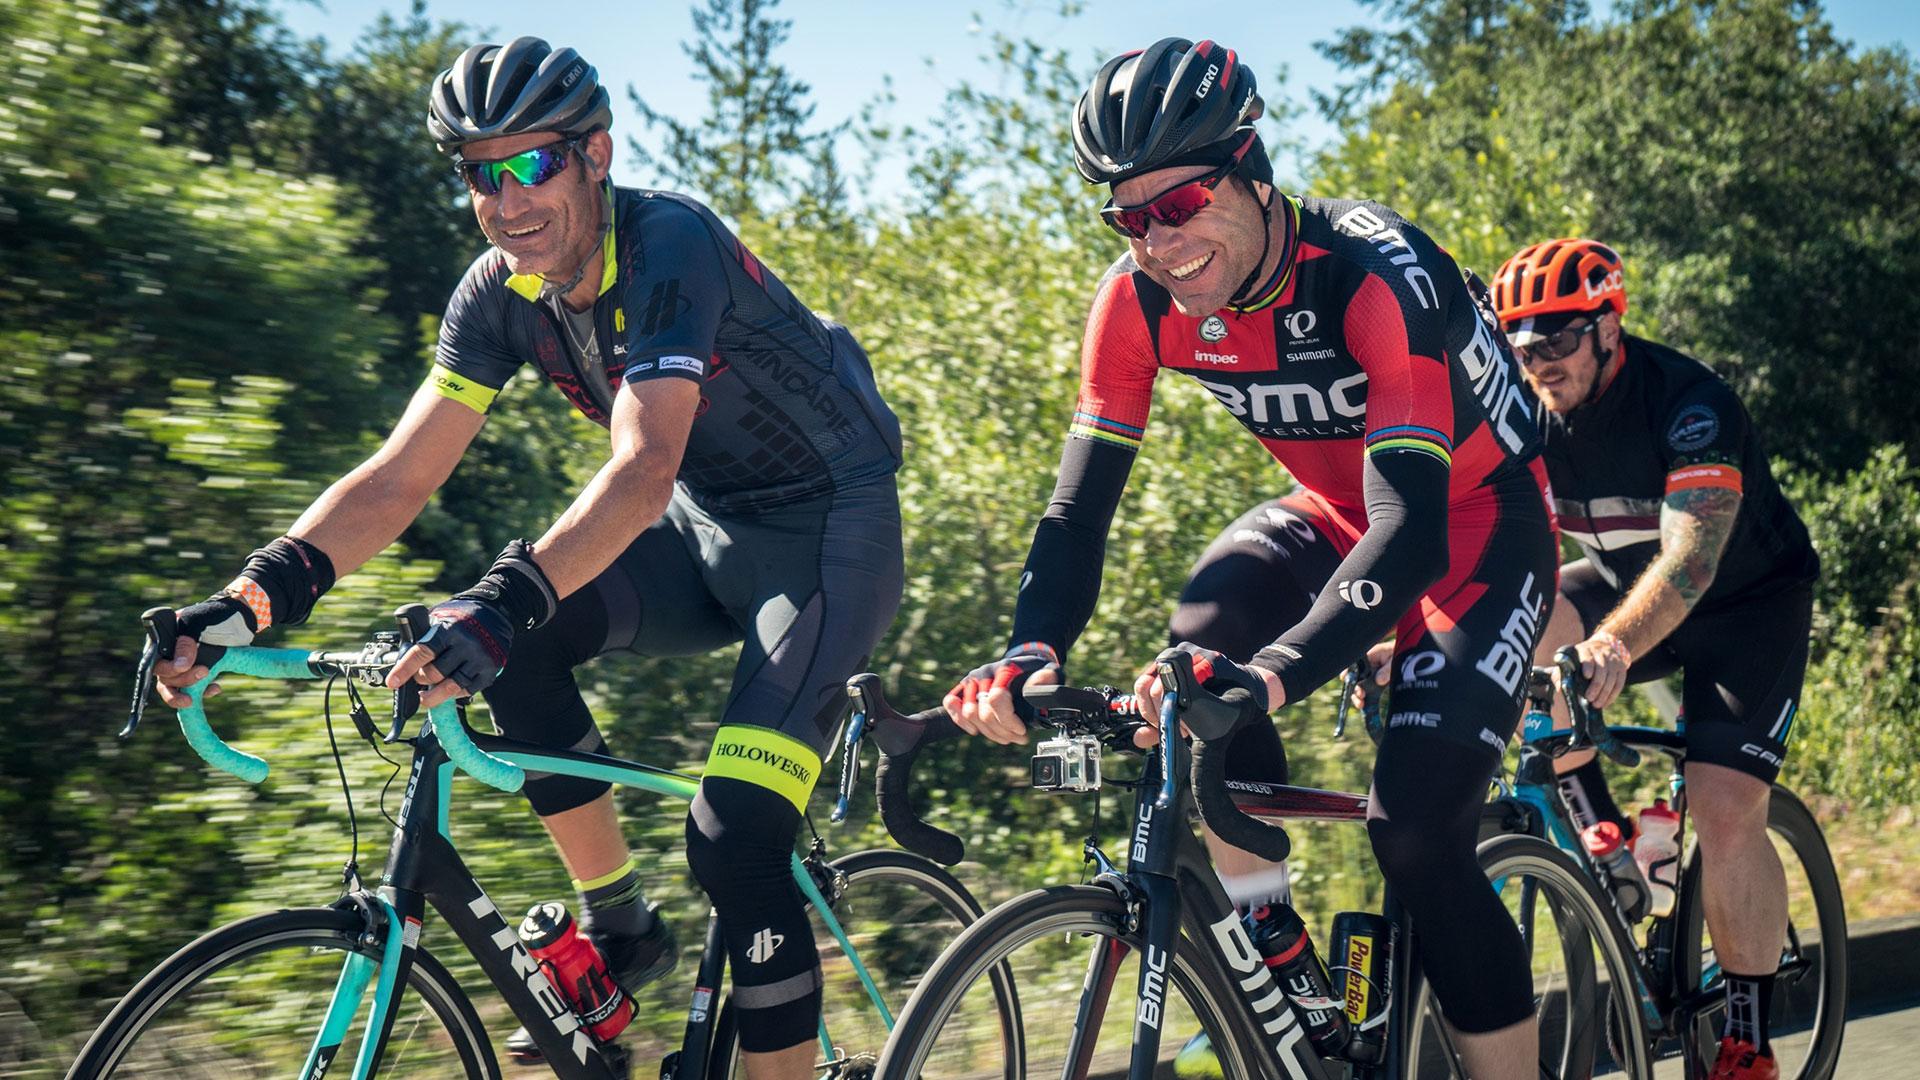 Cyclo rijden? 6 trainingstips en 3 toptrainingen van een professionele wielercoach